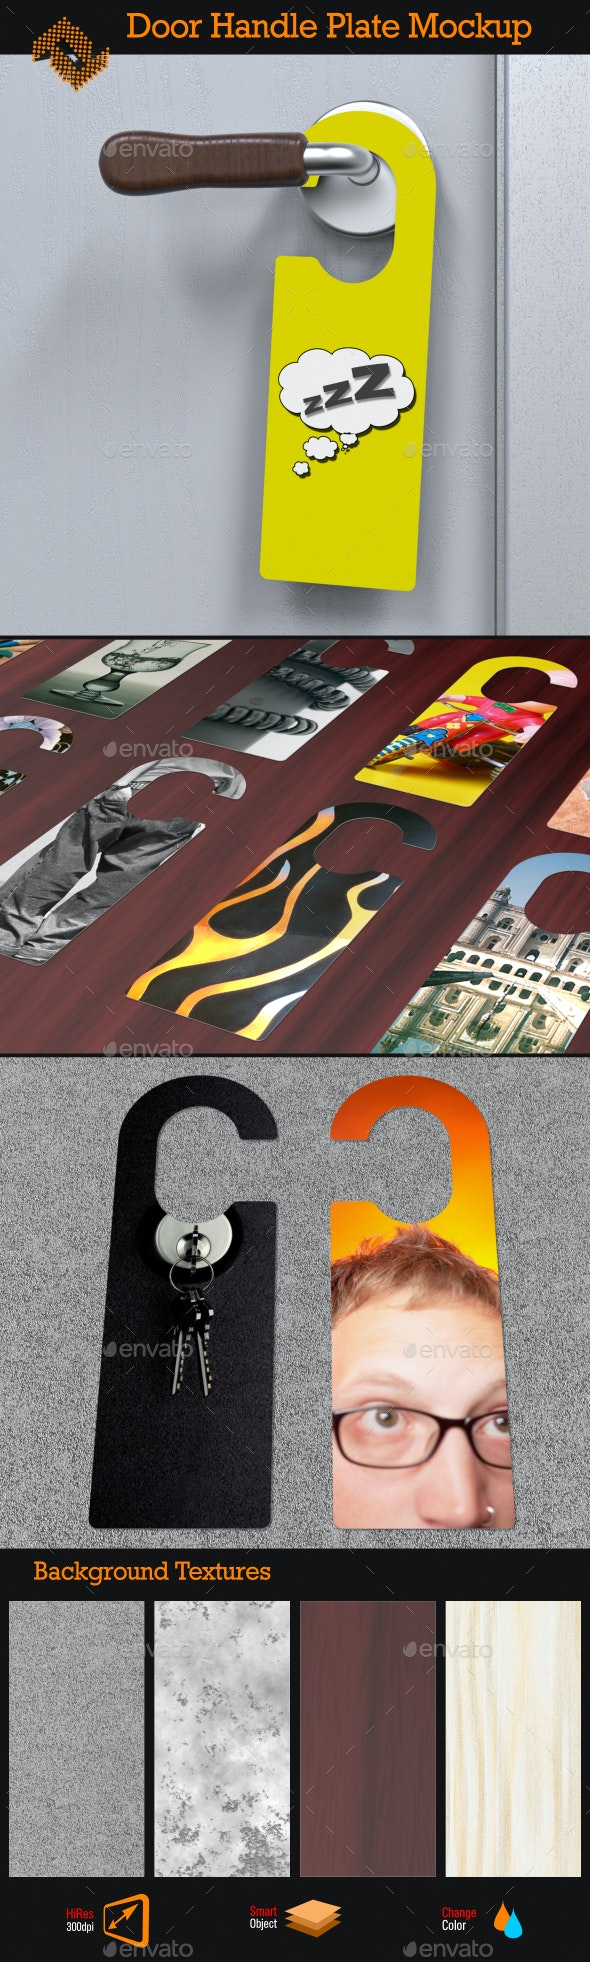 Door Handle Plate / Door Hanger Mockup - Product Mock-Ups Graphics